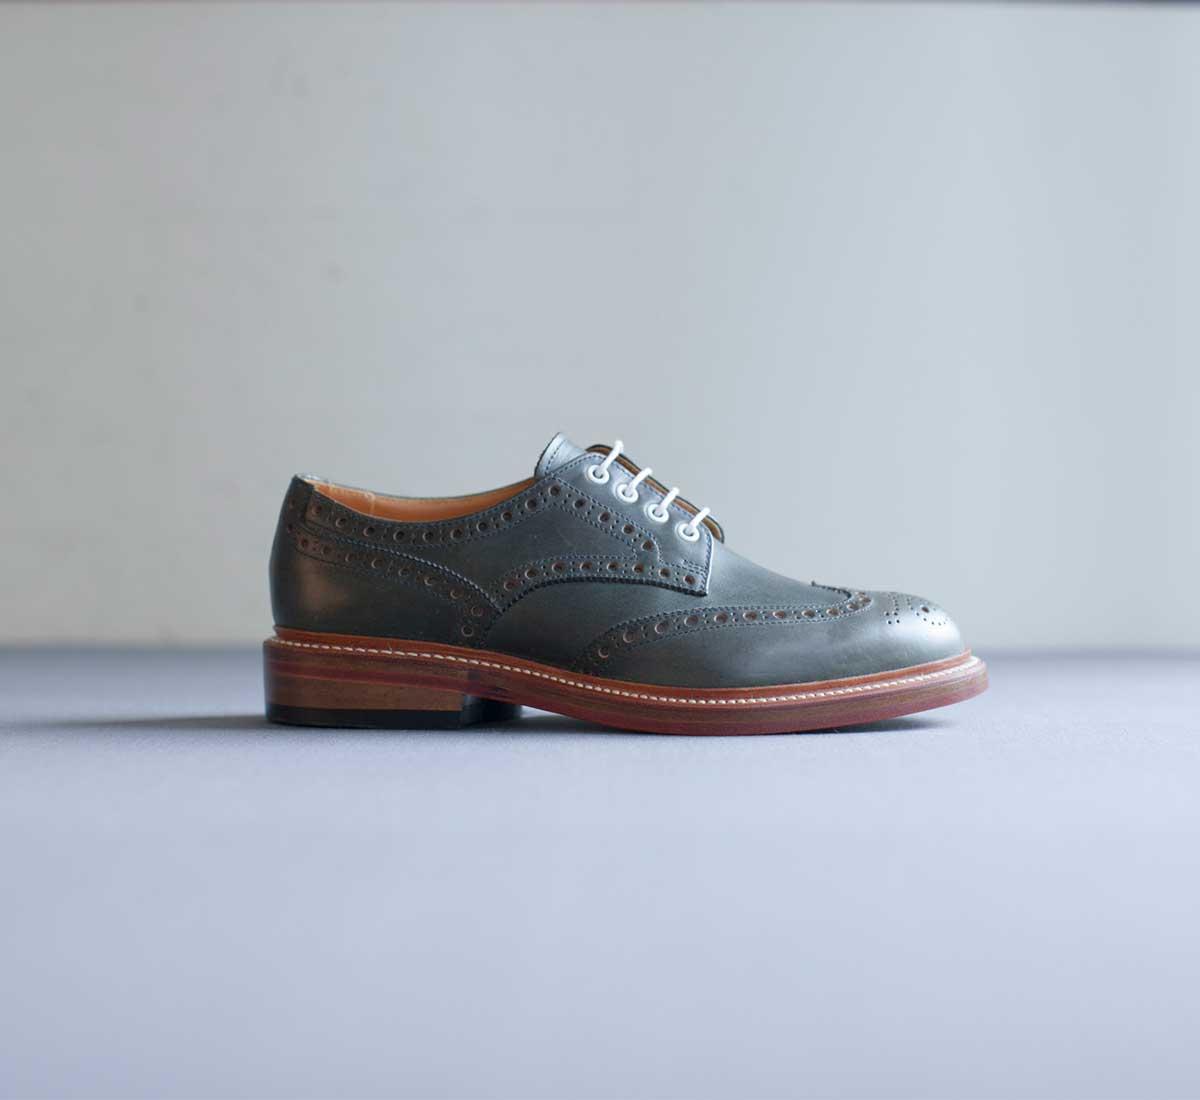 オーダーメイド紳士靴 メンズ オーダーメイド靴